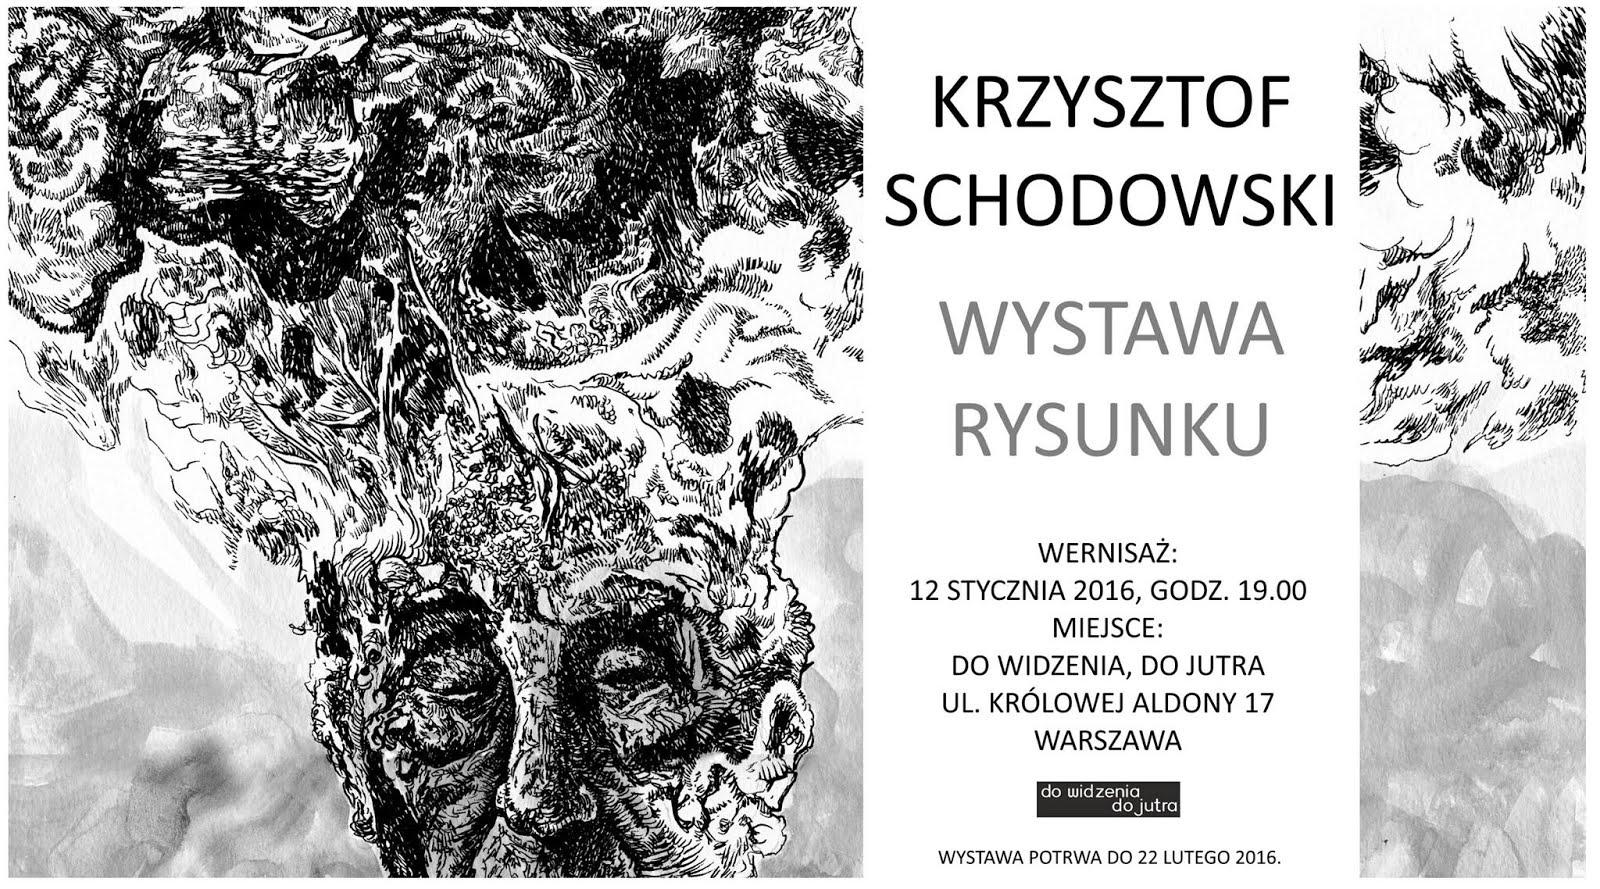 Otwarcie wystawy rysunków Krzysztofa Schodowskiego